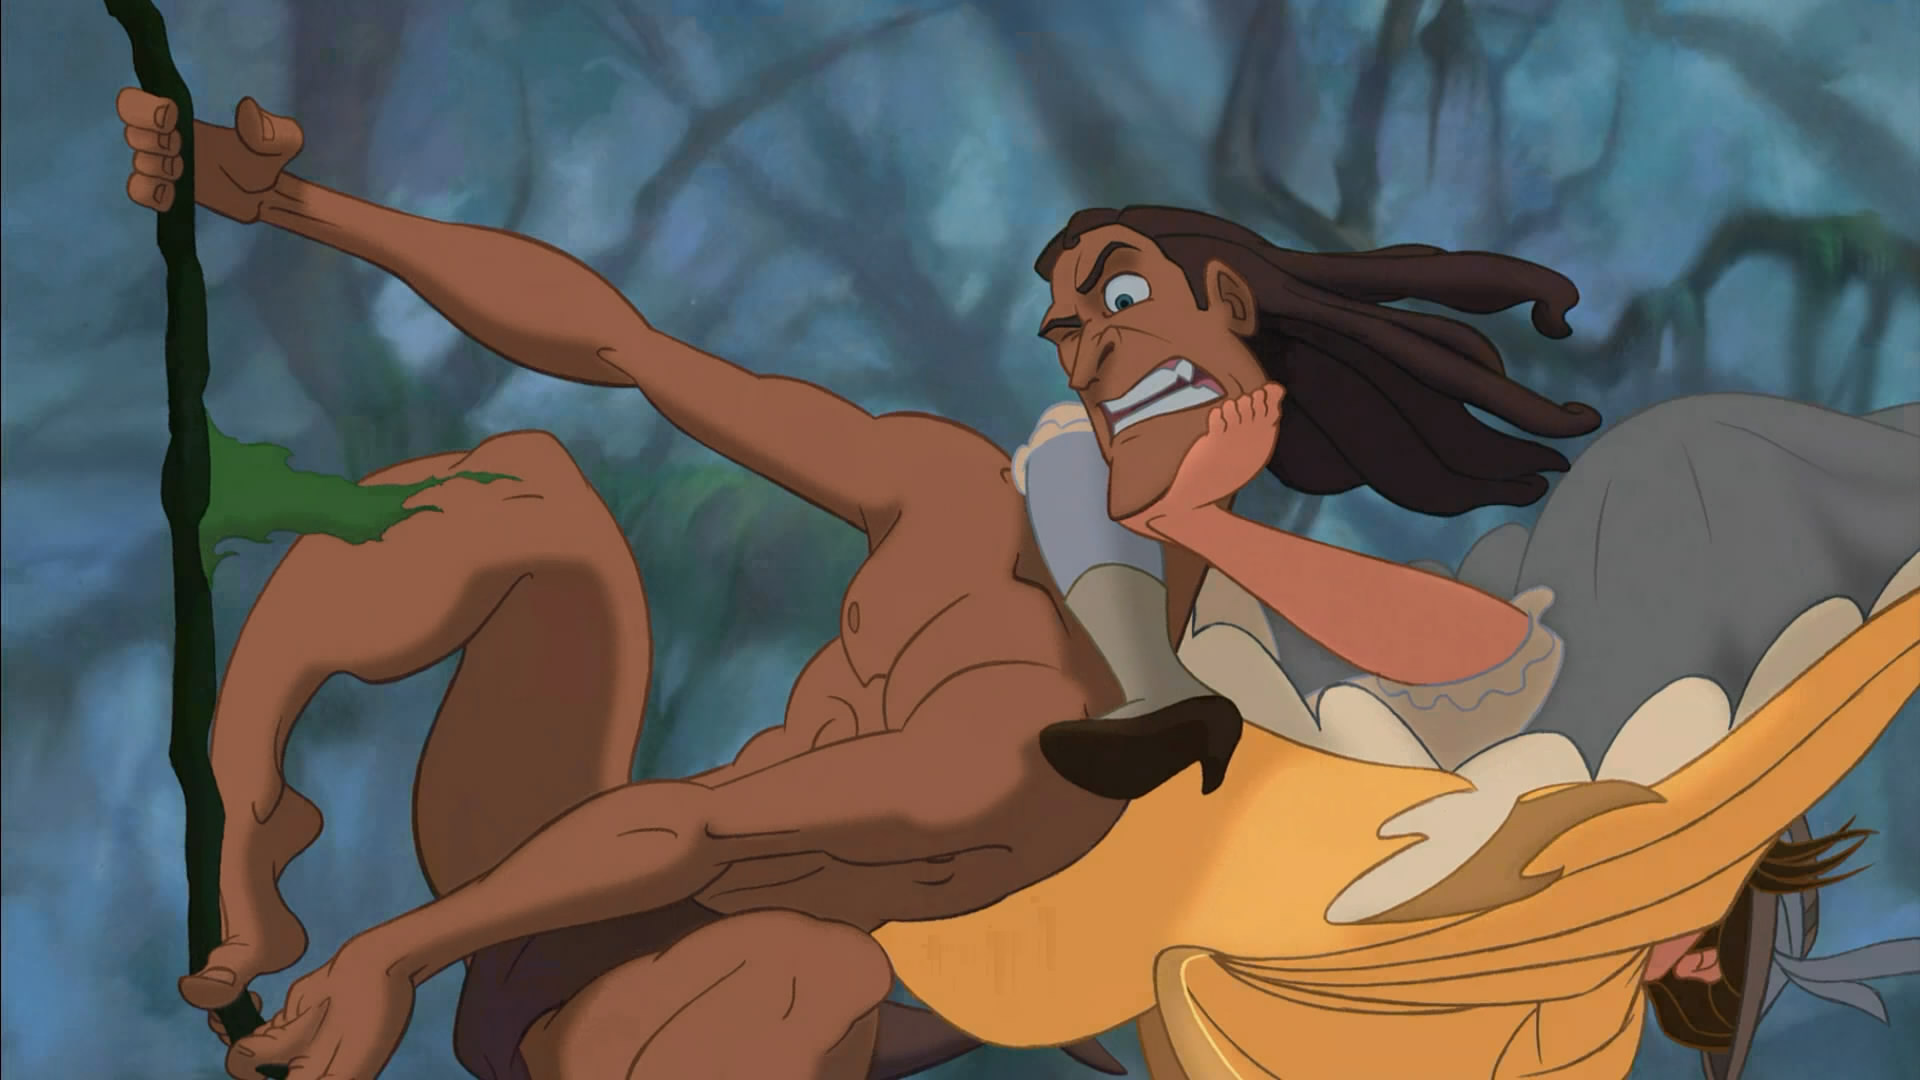 Tarzan  1999  BDrip 1080p ENG ITA x264 MultiSub  Shiv .mkv snapshot 00.36.18  2017.10.20 15.11.57